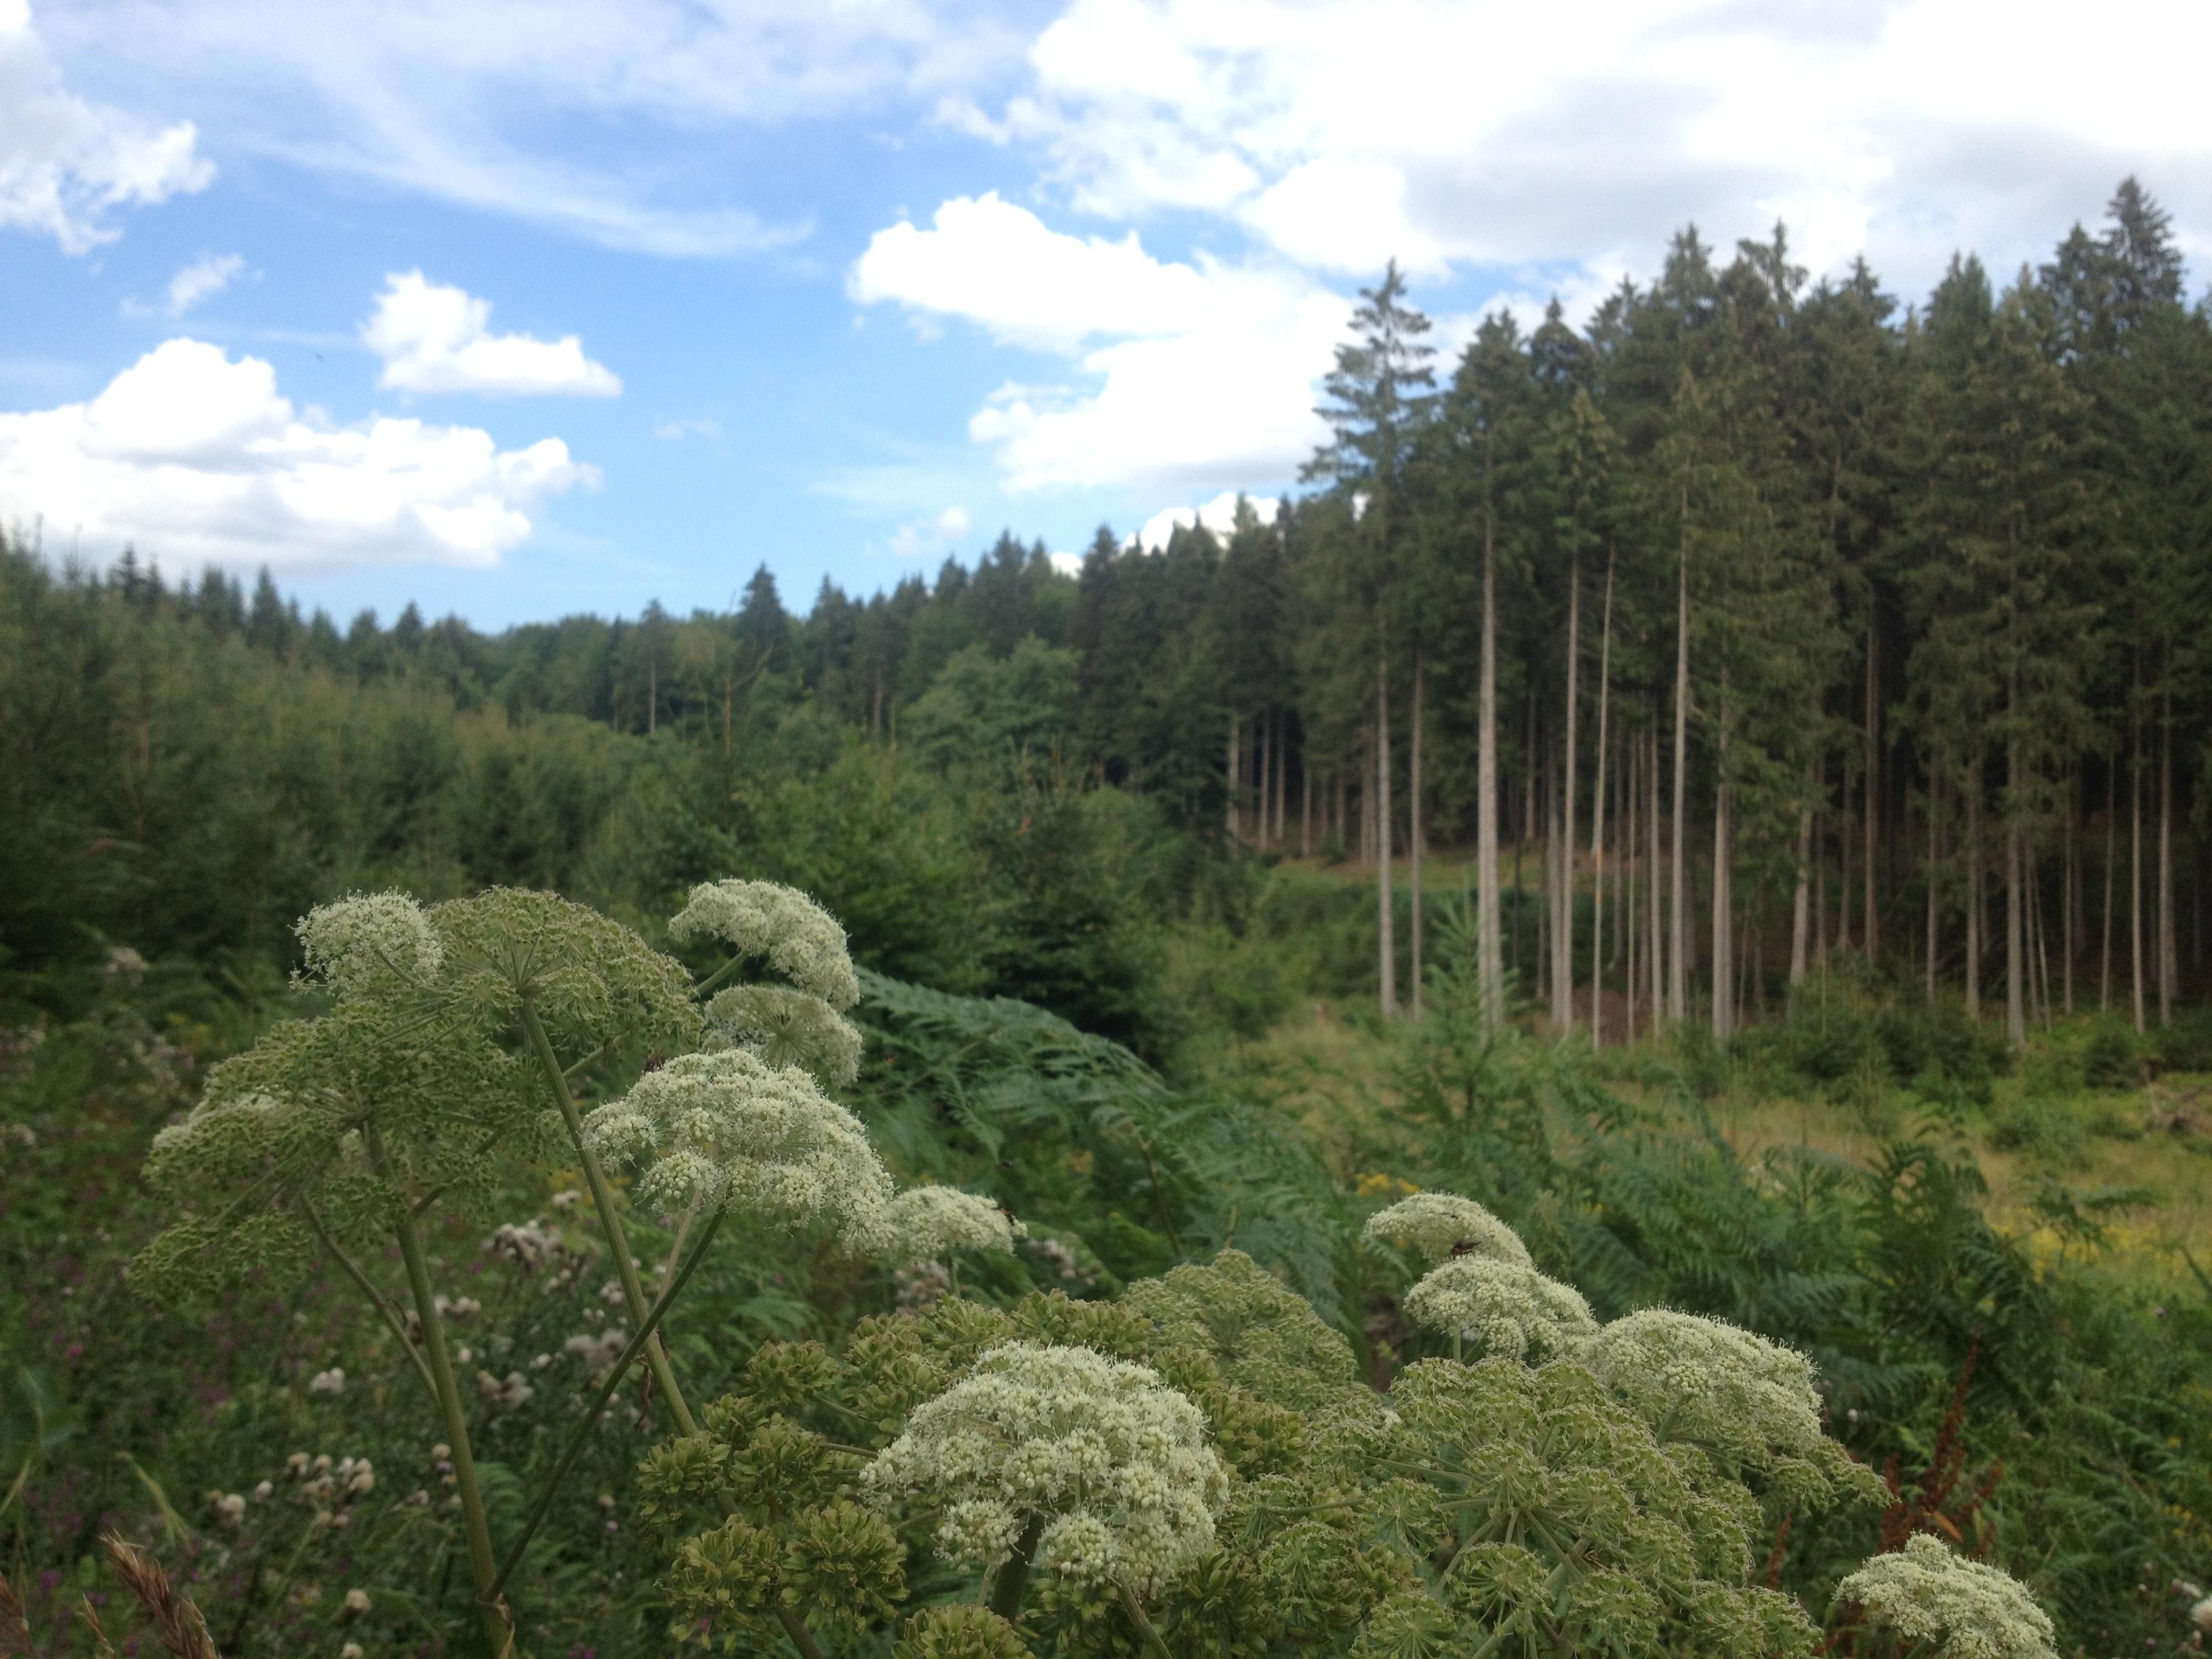 Verliehausener Wald - Ausläufer vom Solling